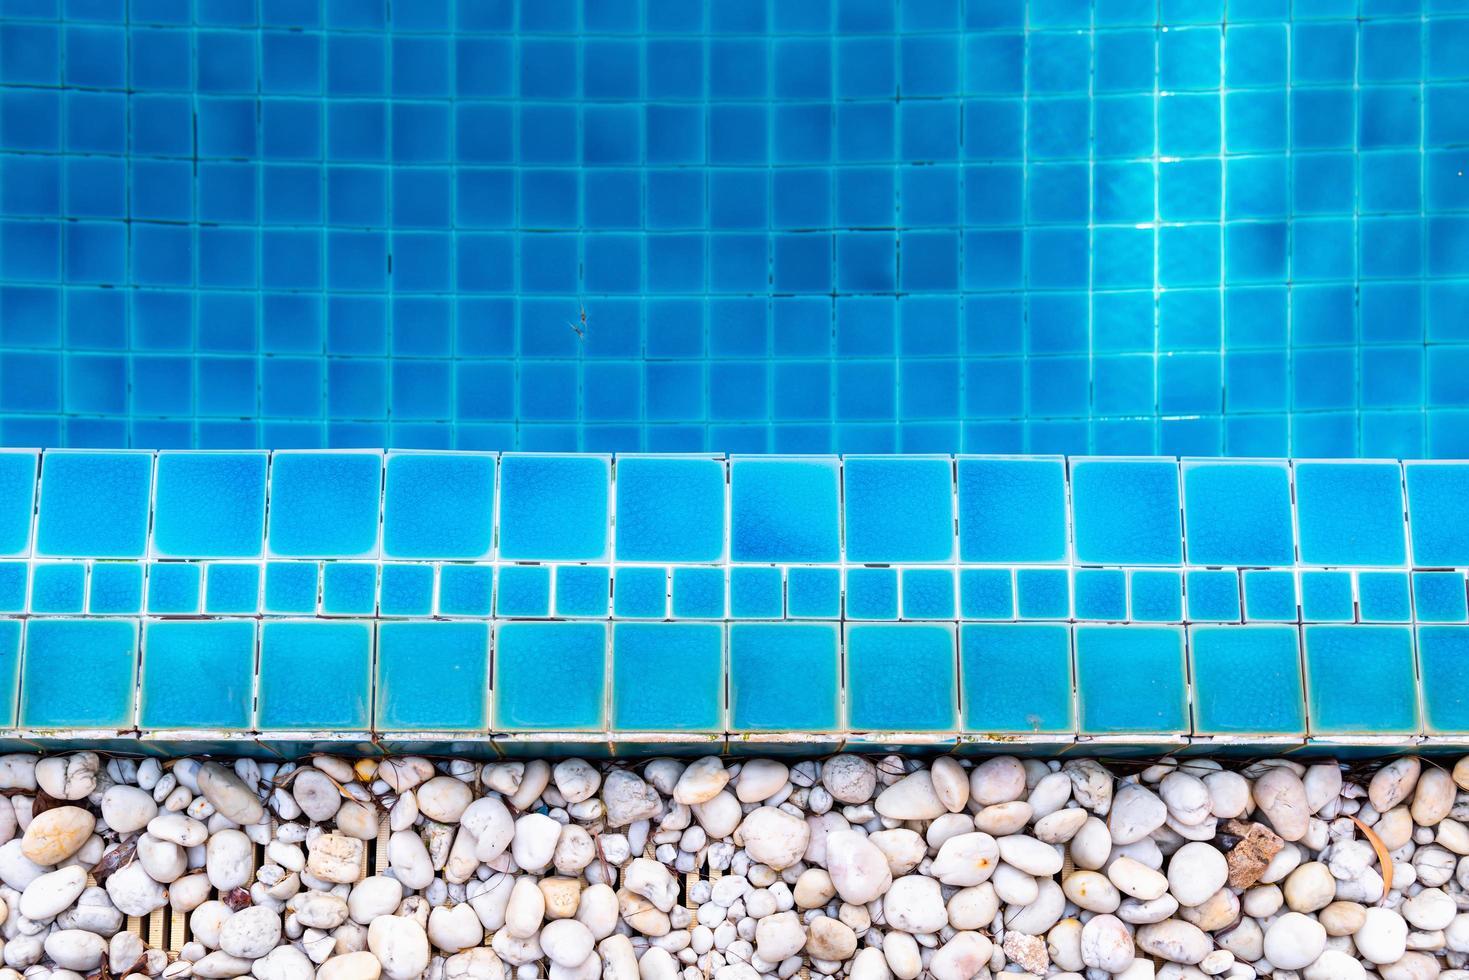 Fliesenmusterhintergrund und Reflexion des Wassers im Schwimmbad. foto